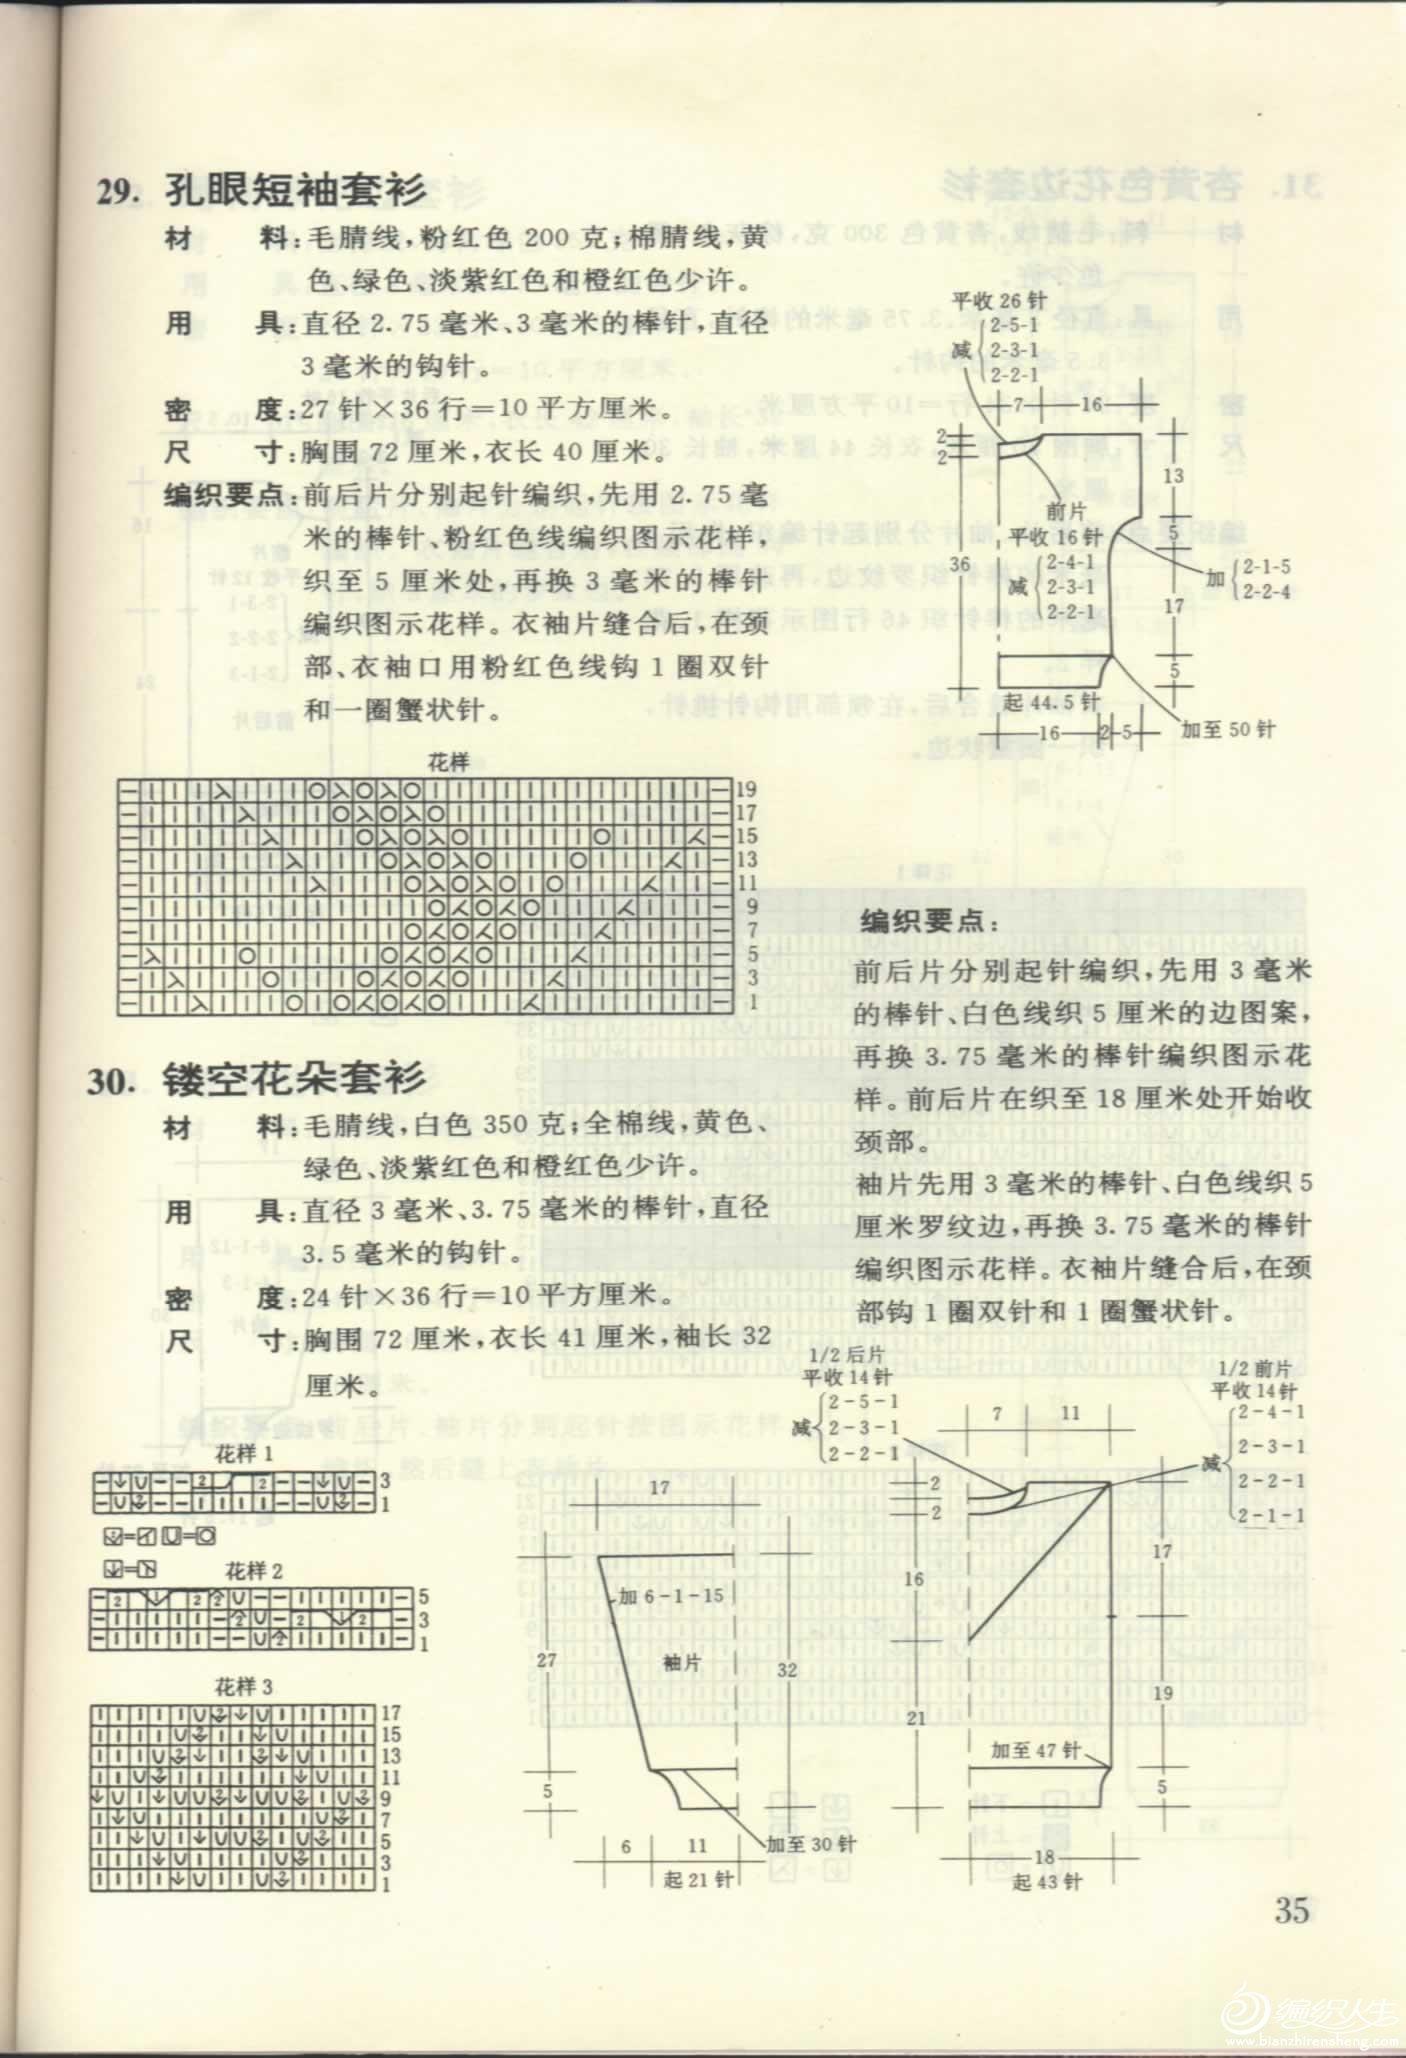 33_19113.jpg